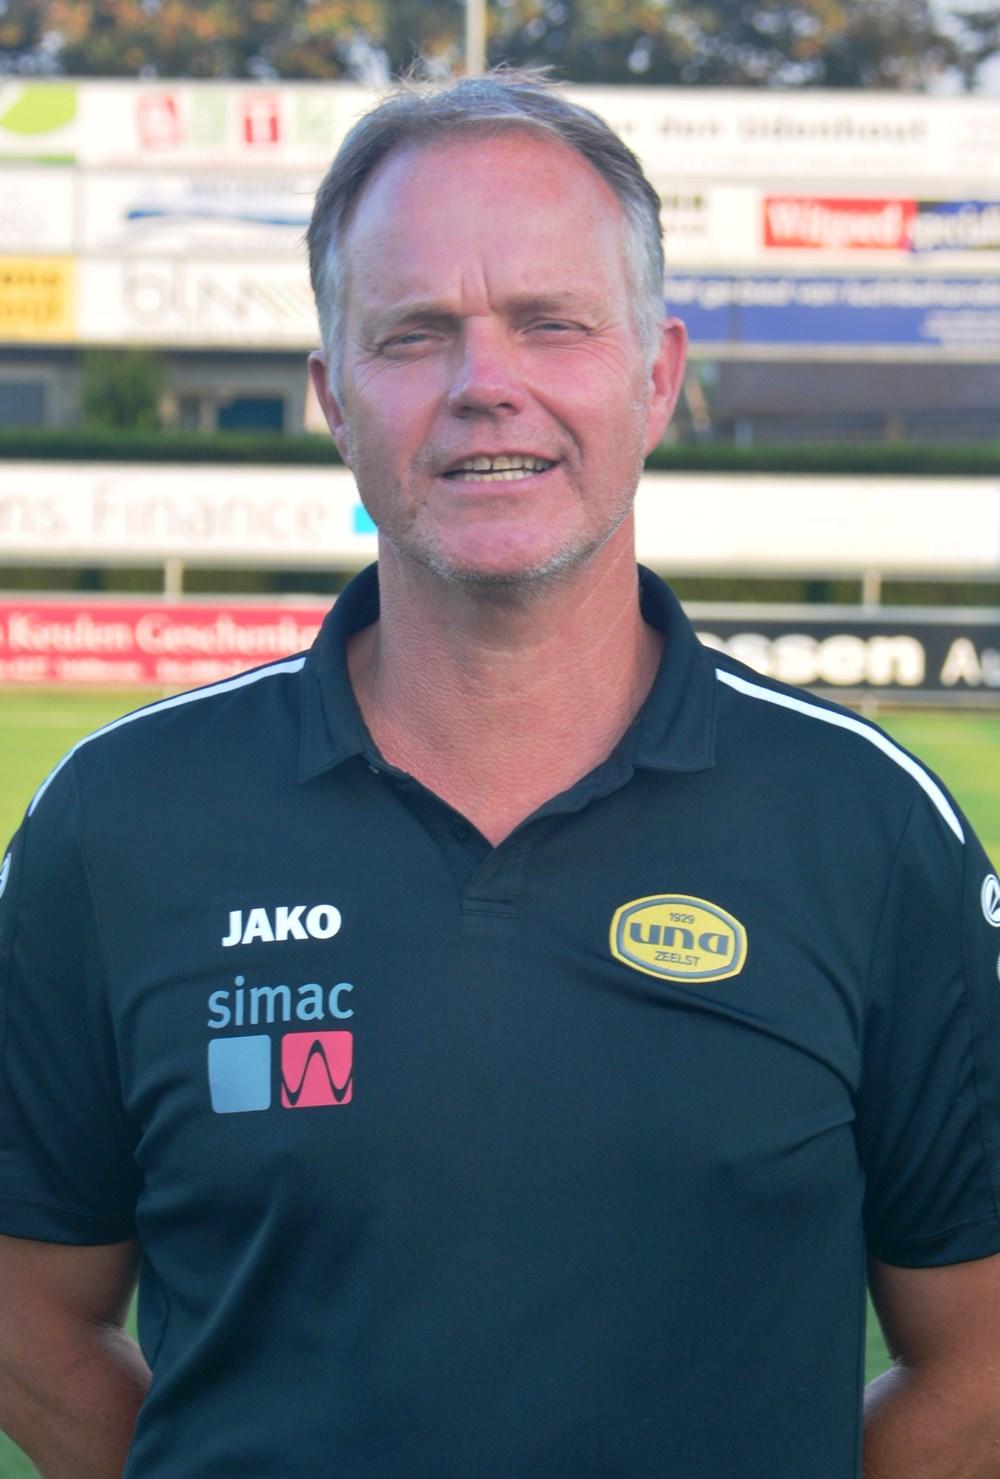 Mark_Sleddens.JPG